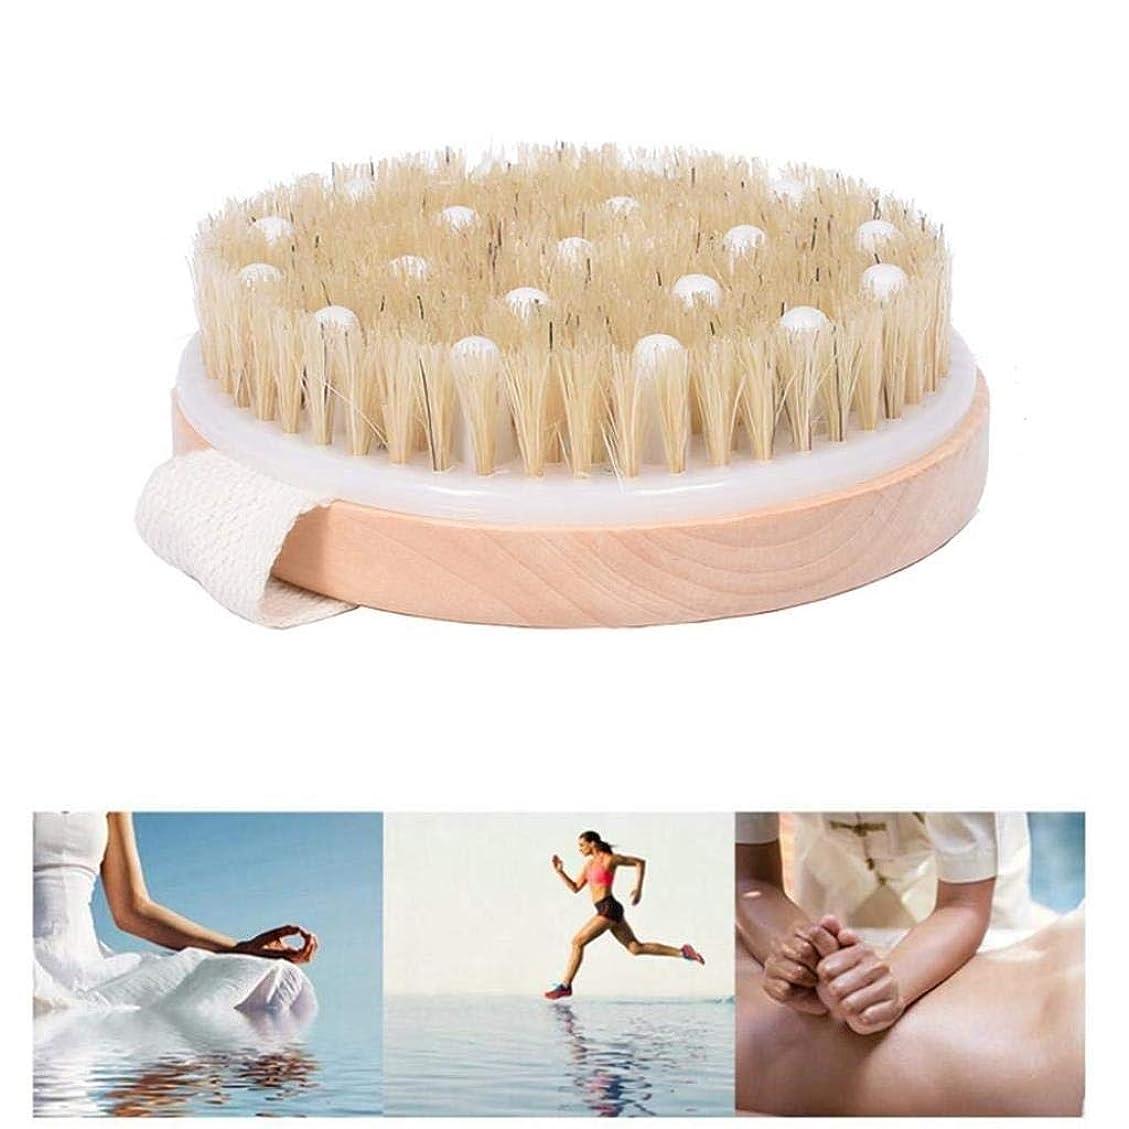 講堂静かに背骨バスブラシ、木製の長いハンドルの角質除去/角質除去/詰まった毛穴の開放/血液循環のクリーニングブラシの改善